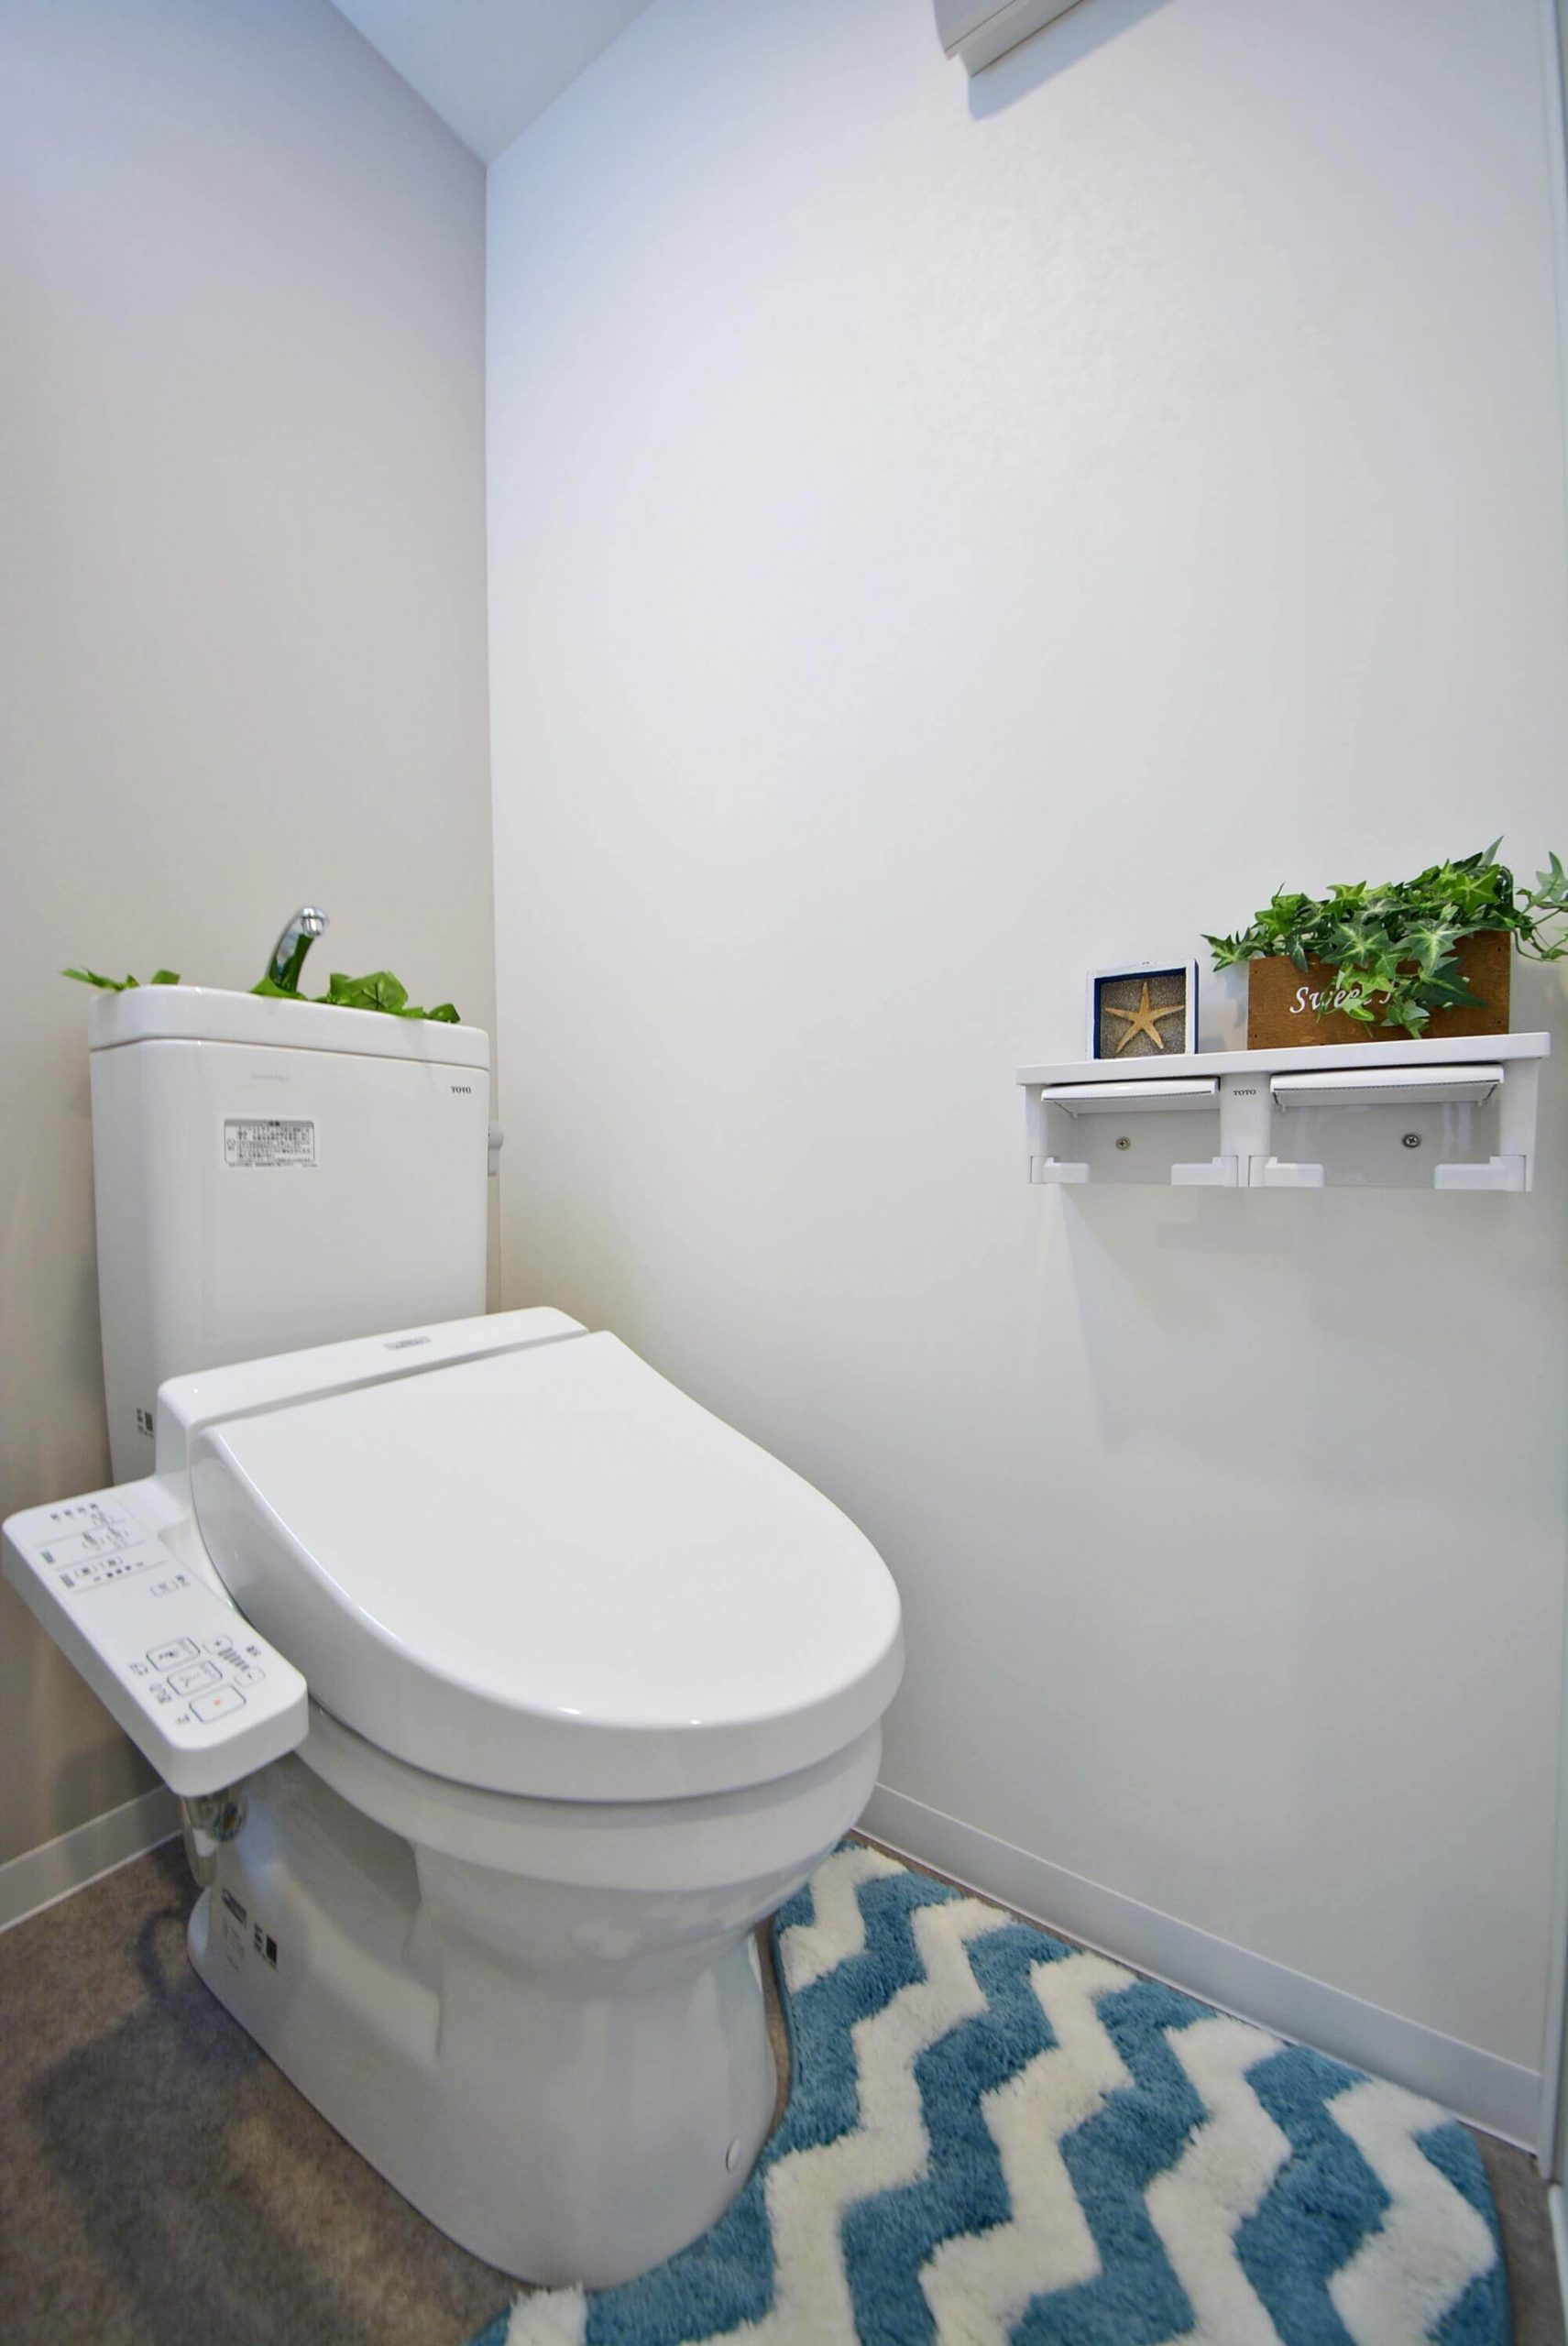 洗浄機能付き<br>温水シャワートイレ